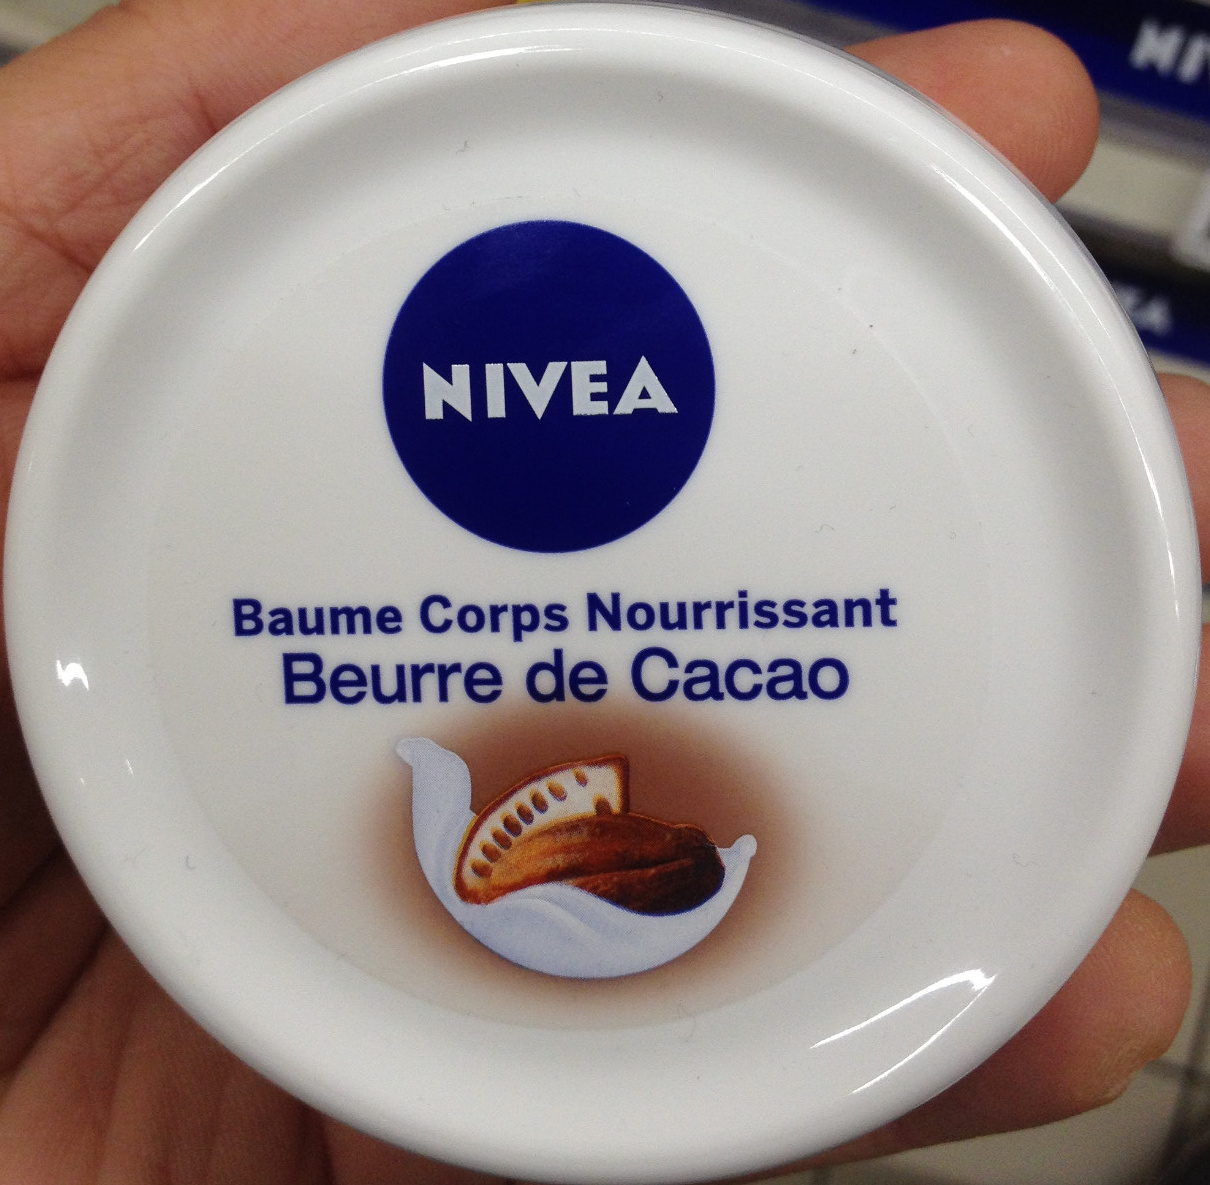 Baume corps nourrissant beurre de cacao - Product - fr